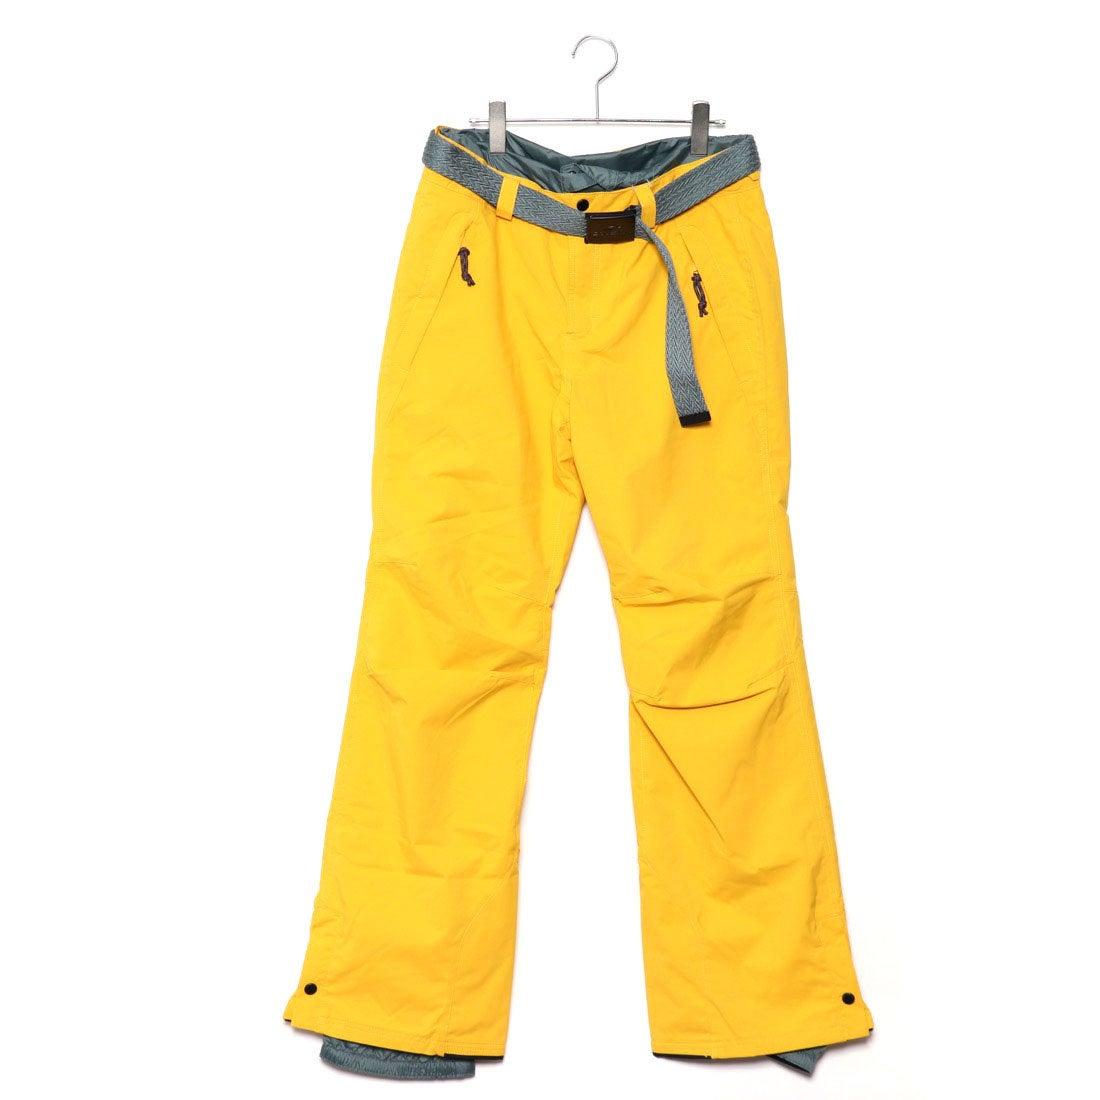 ロコンド 靴とファッションの通販サイトオニール O'NEILL レディス スノーパンツ (YEL)